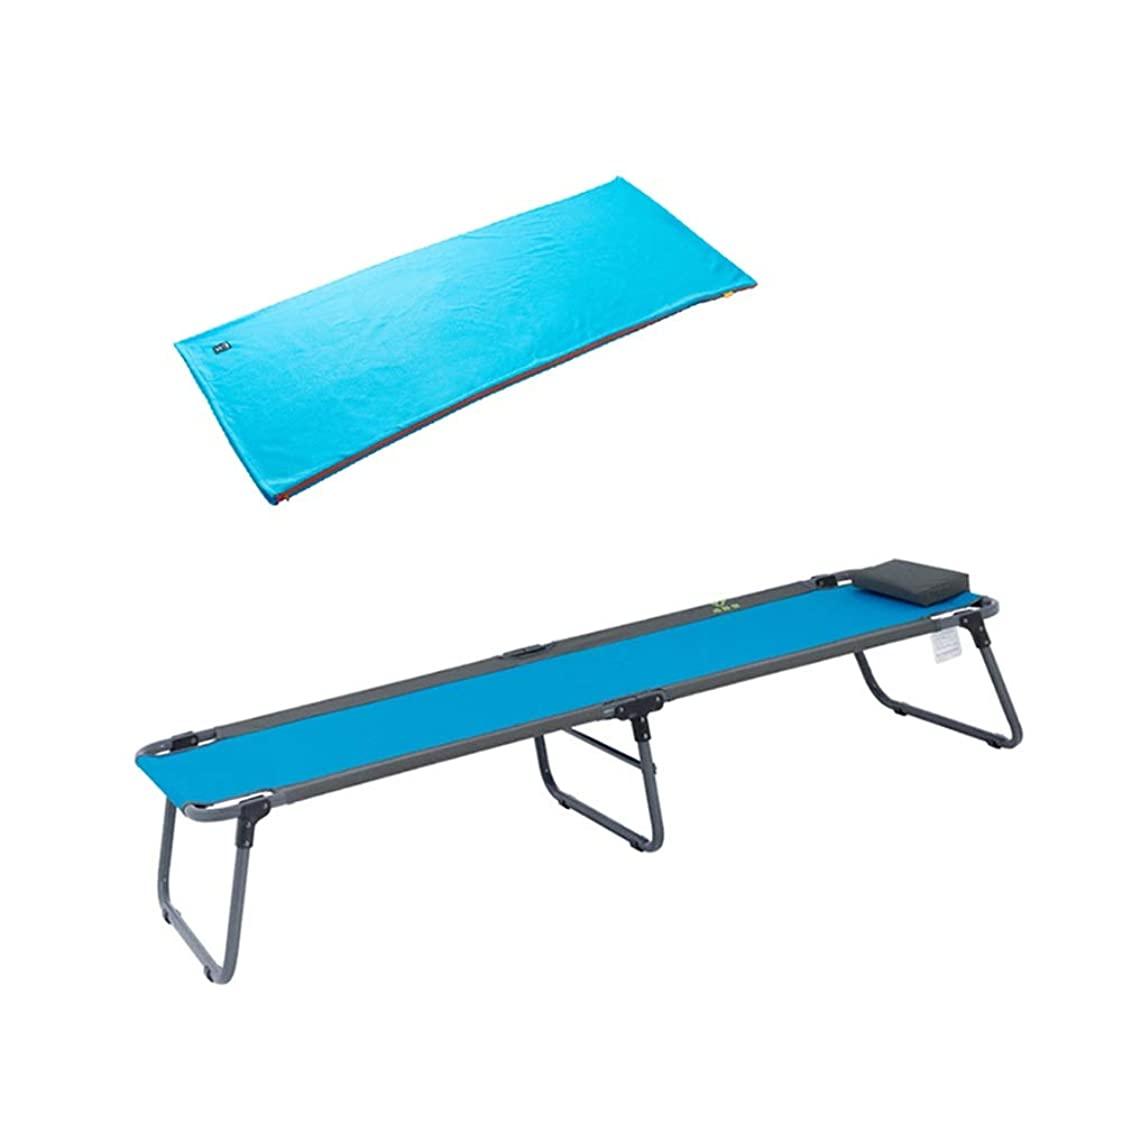 スチュワーデスエレベーター先生屋内と屋外での使用のための枕と昼休みのキルトが付いている折りたたみ式キャンプ用簡易ベッド - 超軽量、快適、青